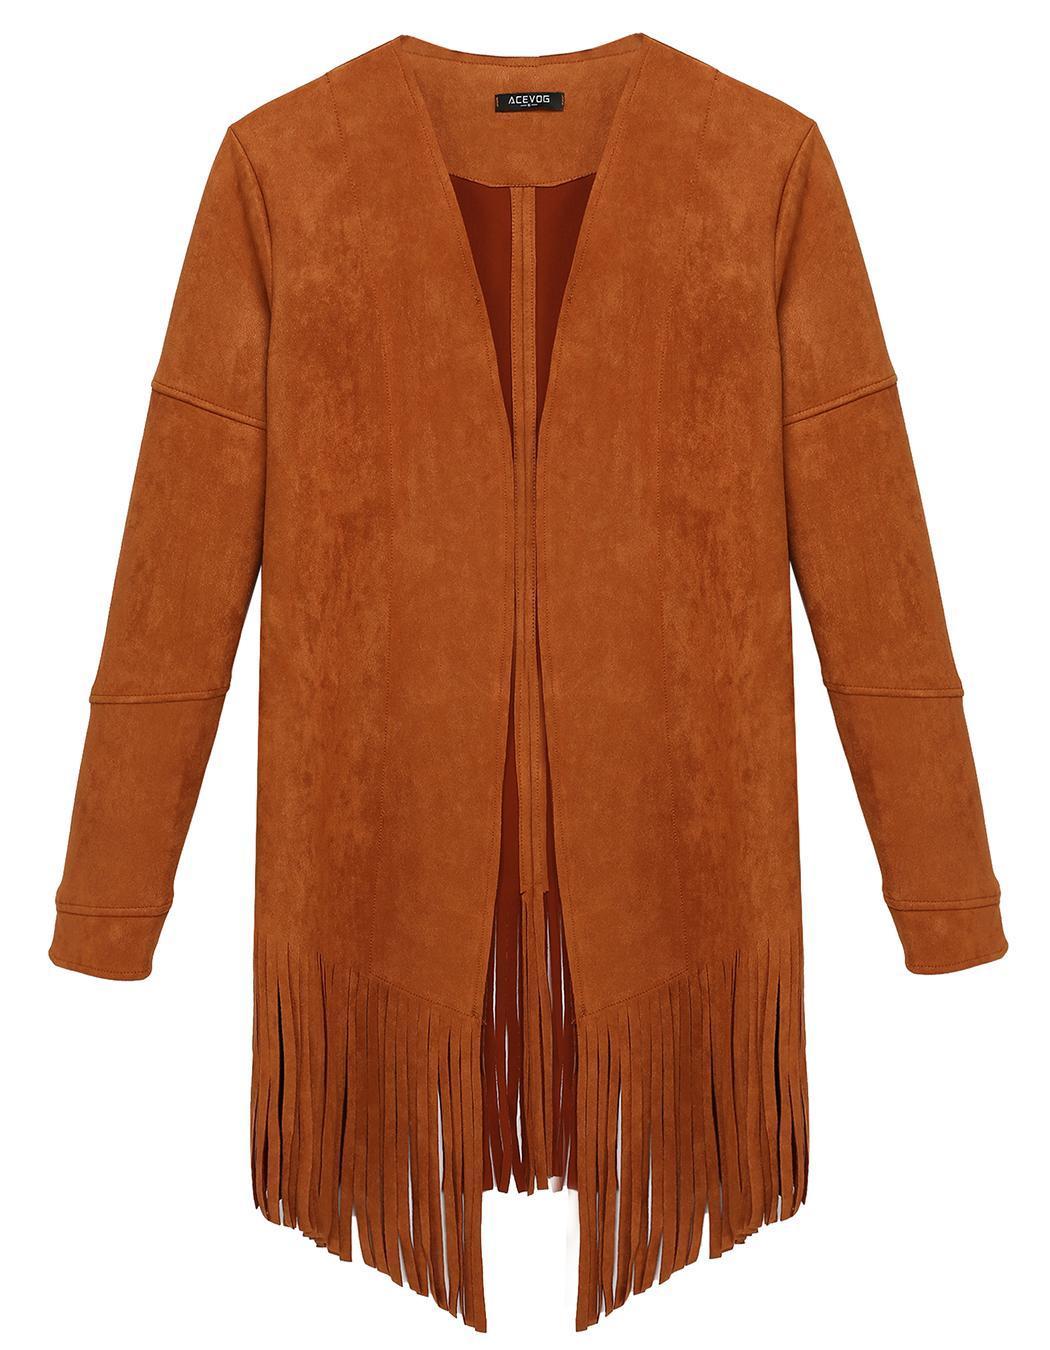 Women Casual Cardigan Long Sleeve Solid Tassel Long Coat 3